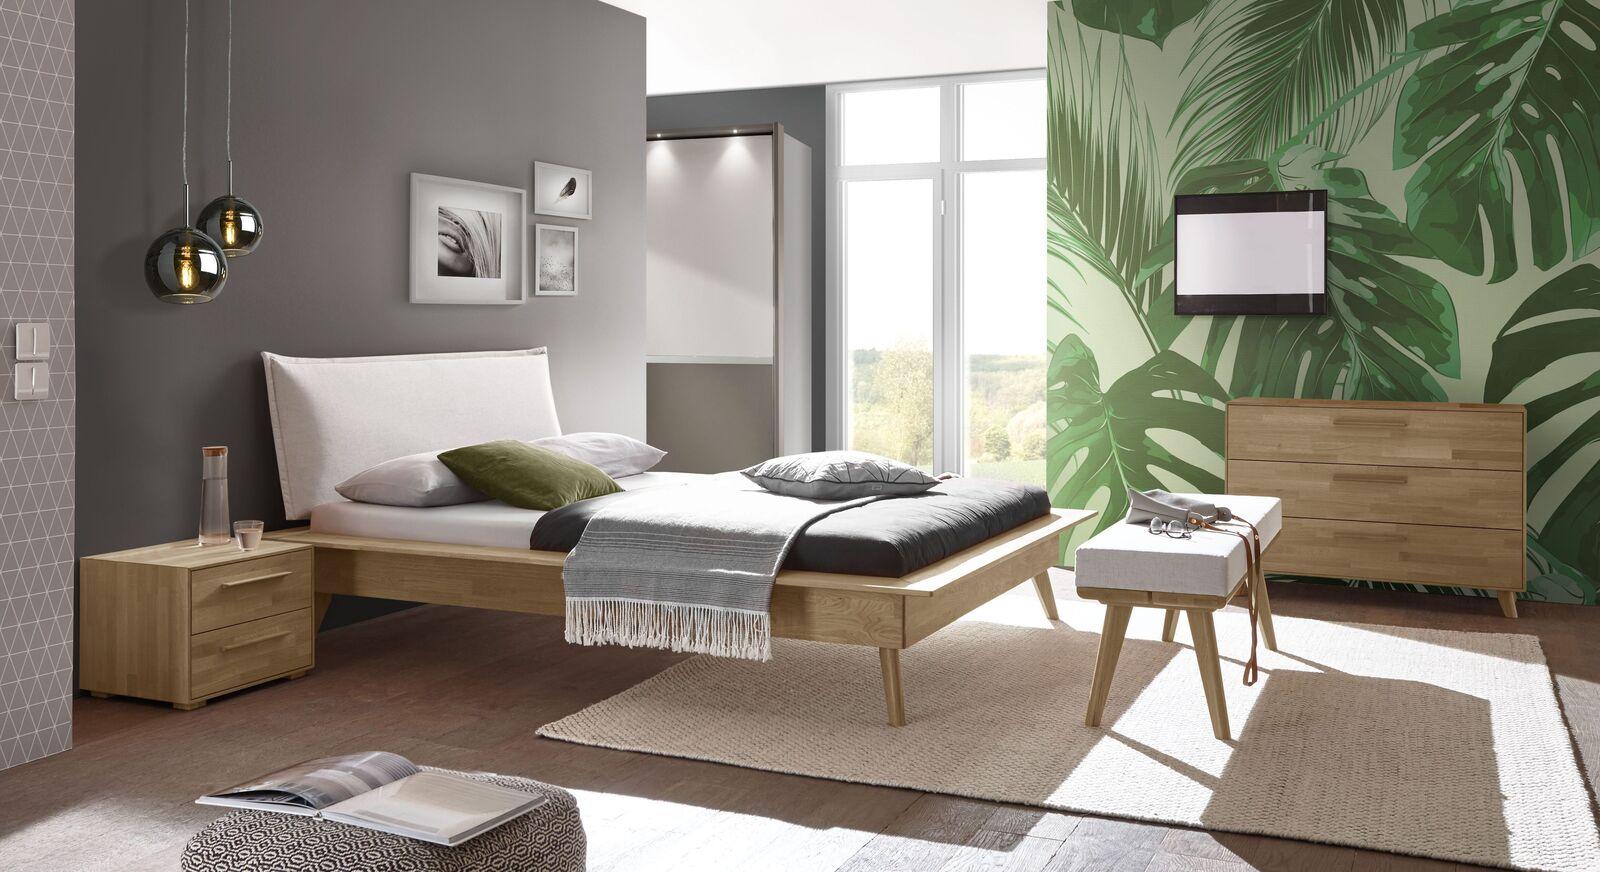 Bett Casevio mit passender Schlafzimmer-Ausstattung